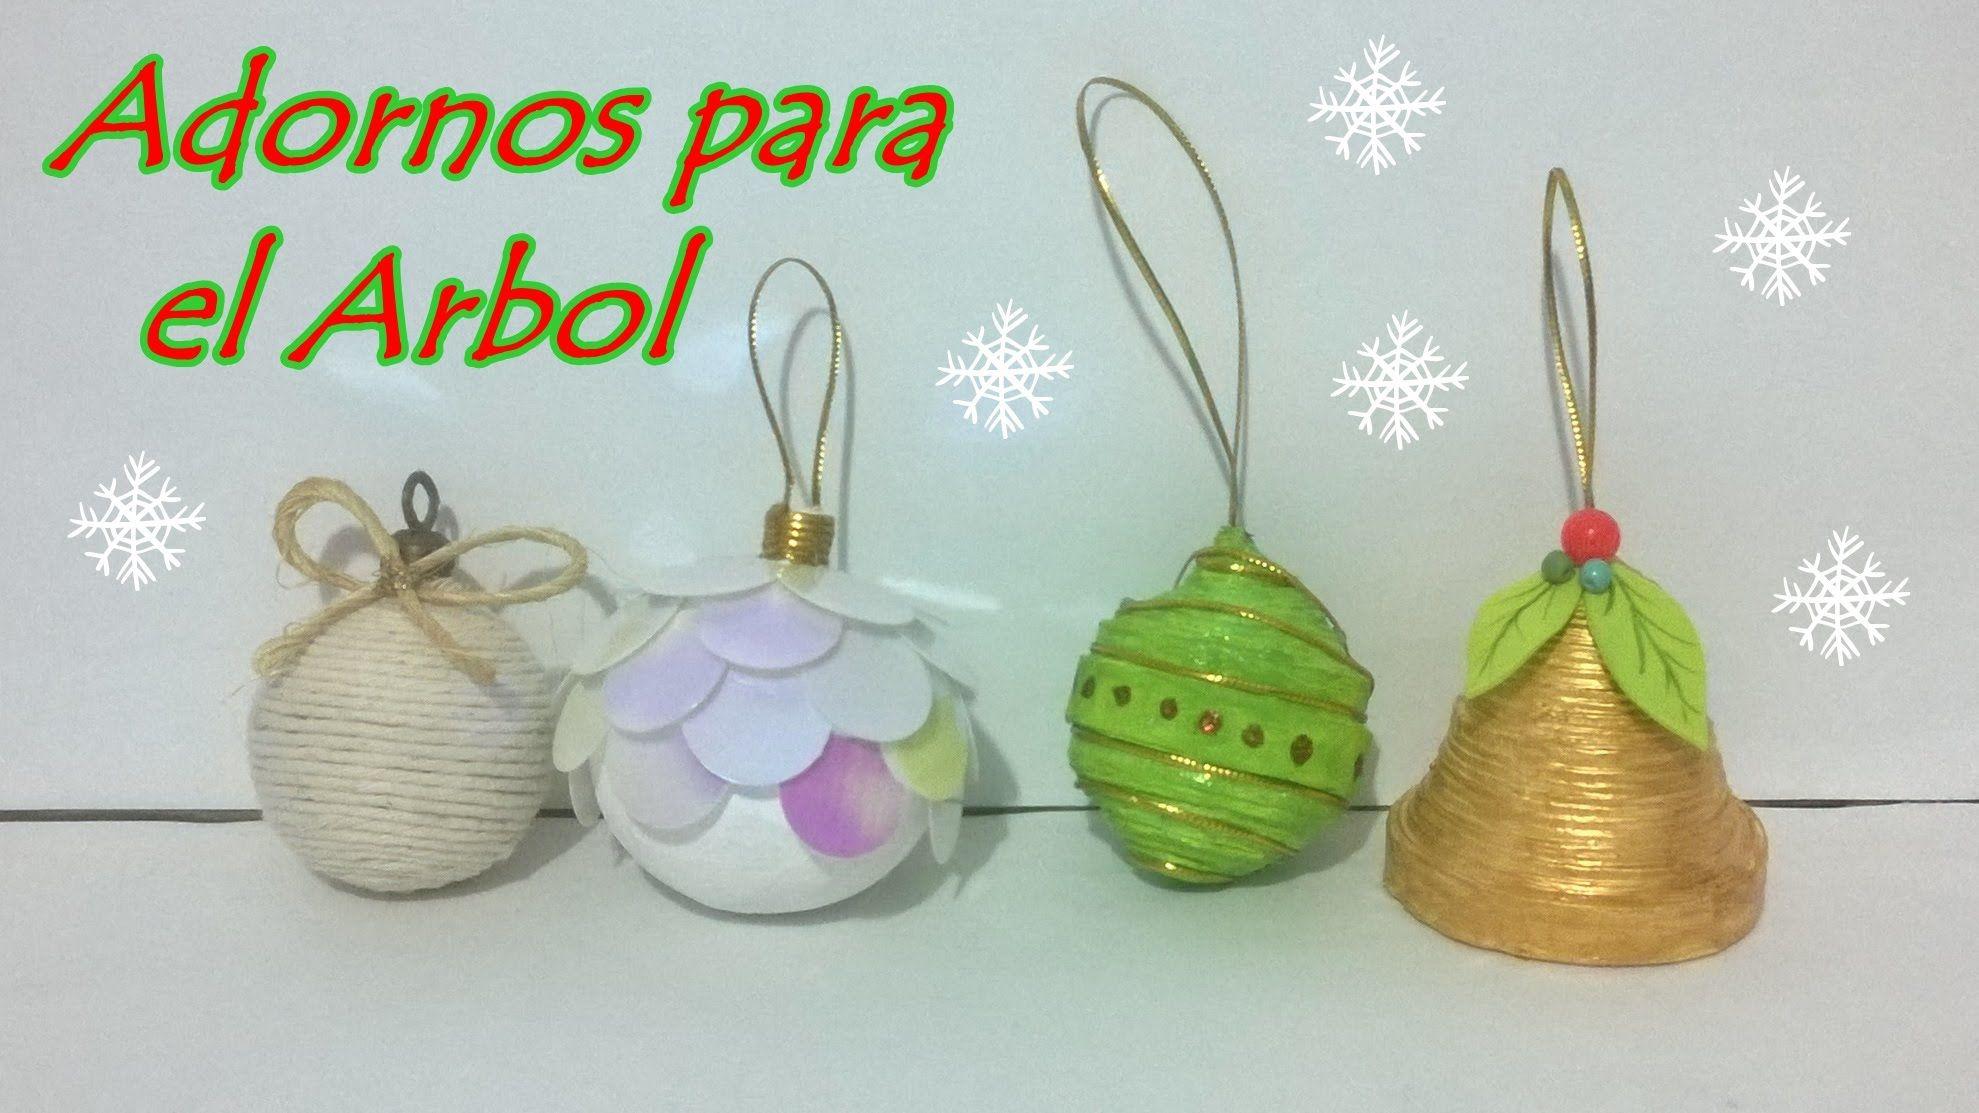 4 ideas de esferas para el rbol navidad manualidades pinterest rbol navidad esferas y - Manualidades para decorar el arbol de navidad ...